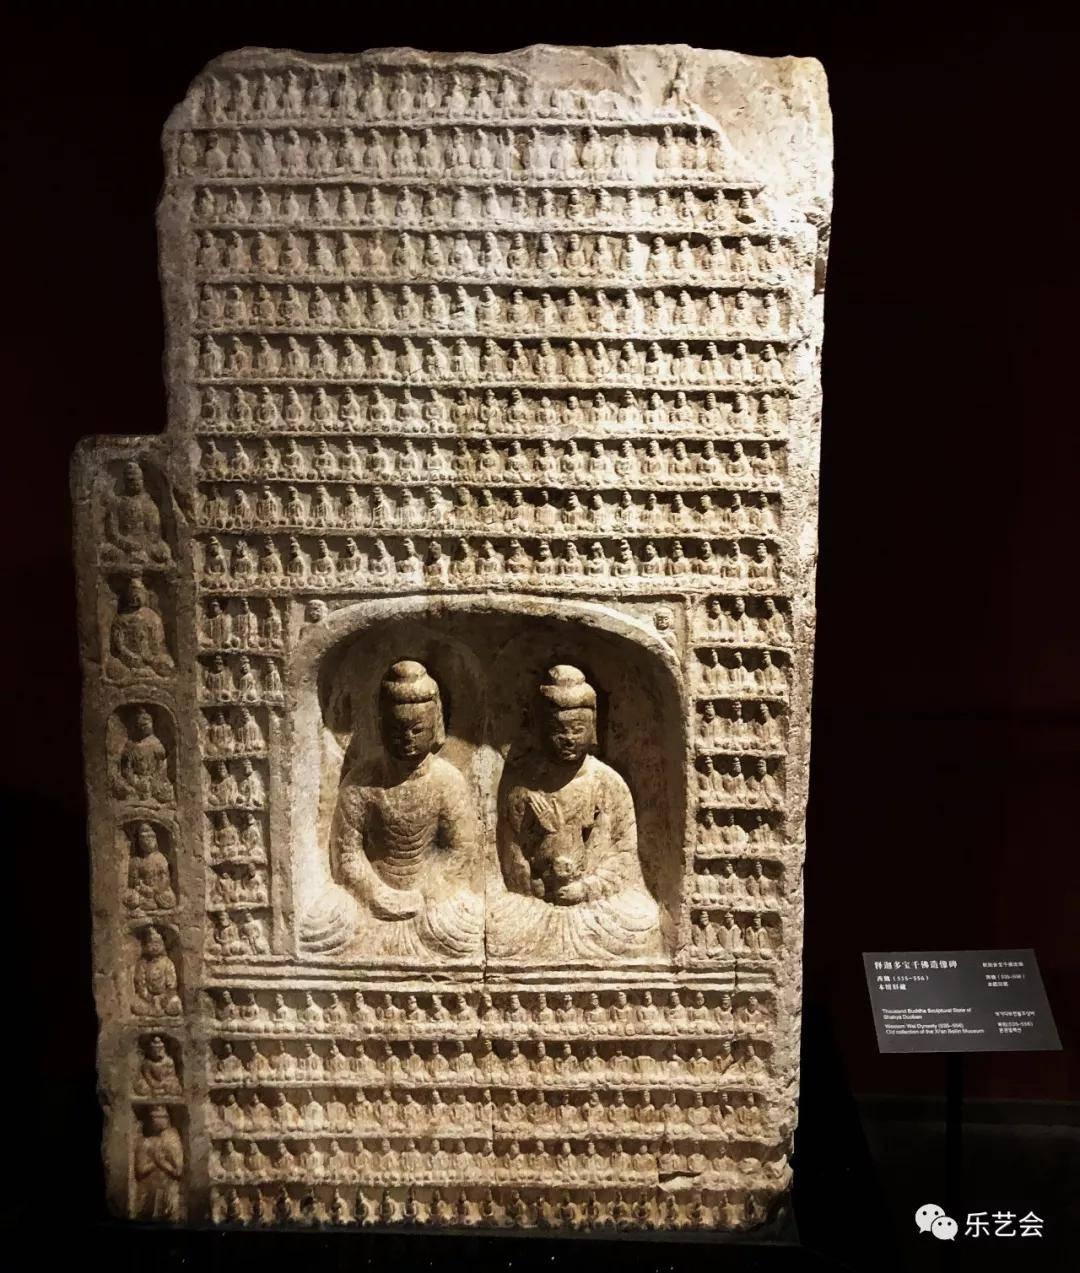 【西安雕塑加工厂家】陕西博物馆雕塑-带您看看那些博物馆的珍宝